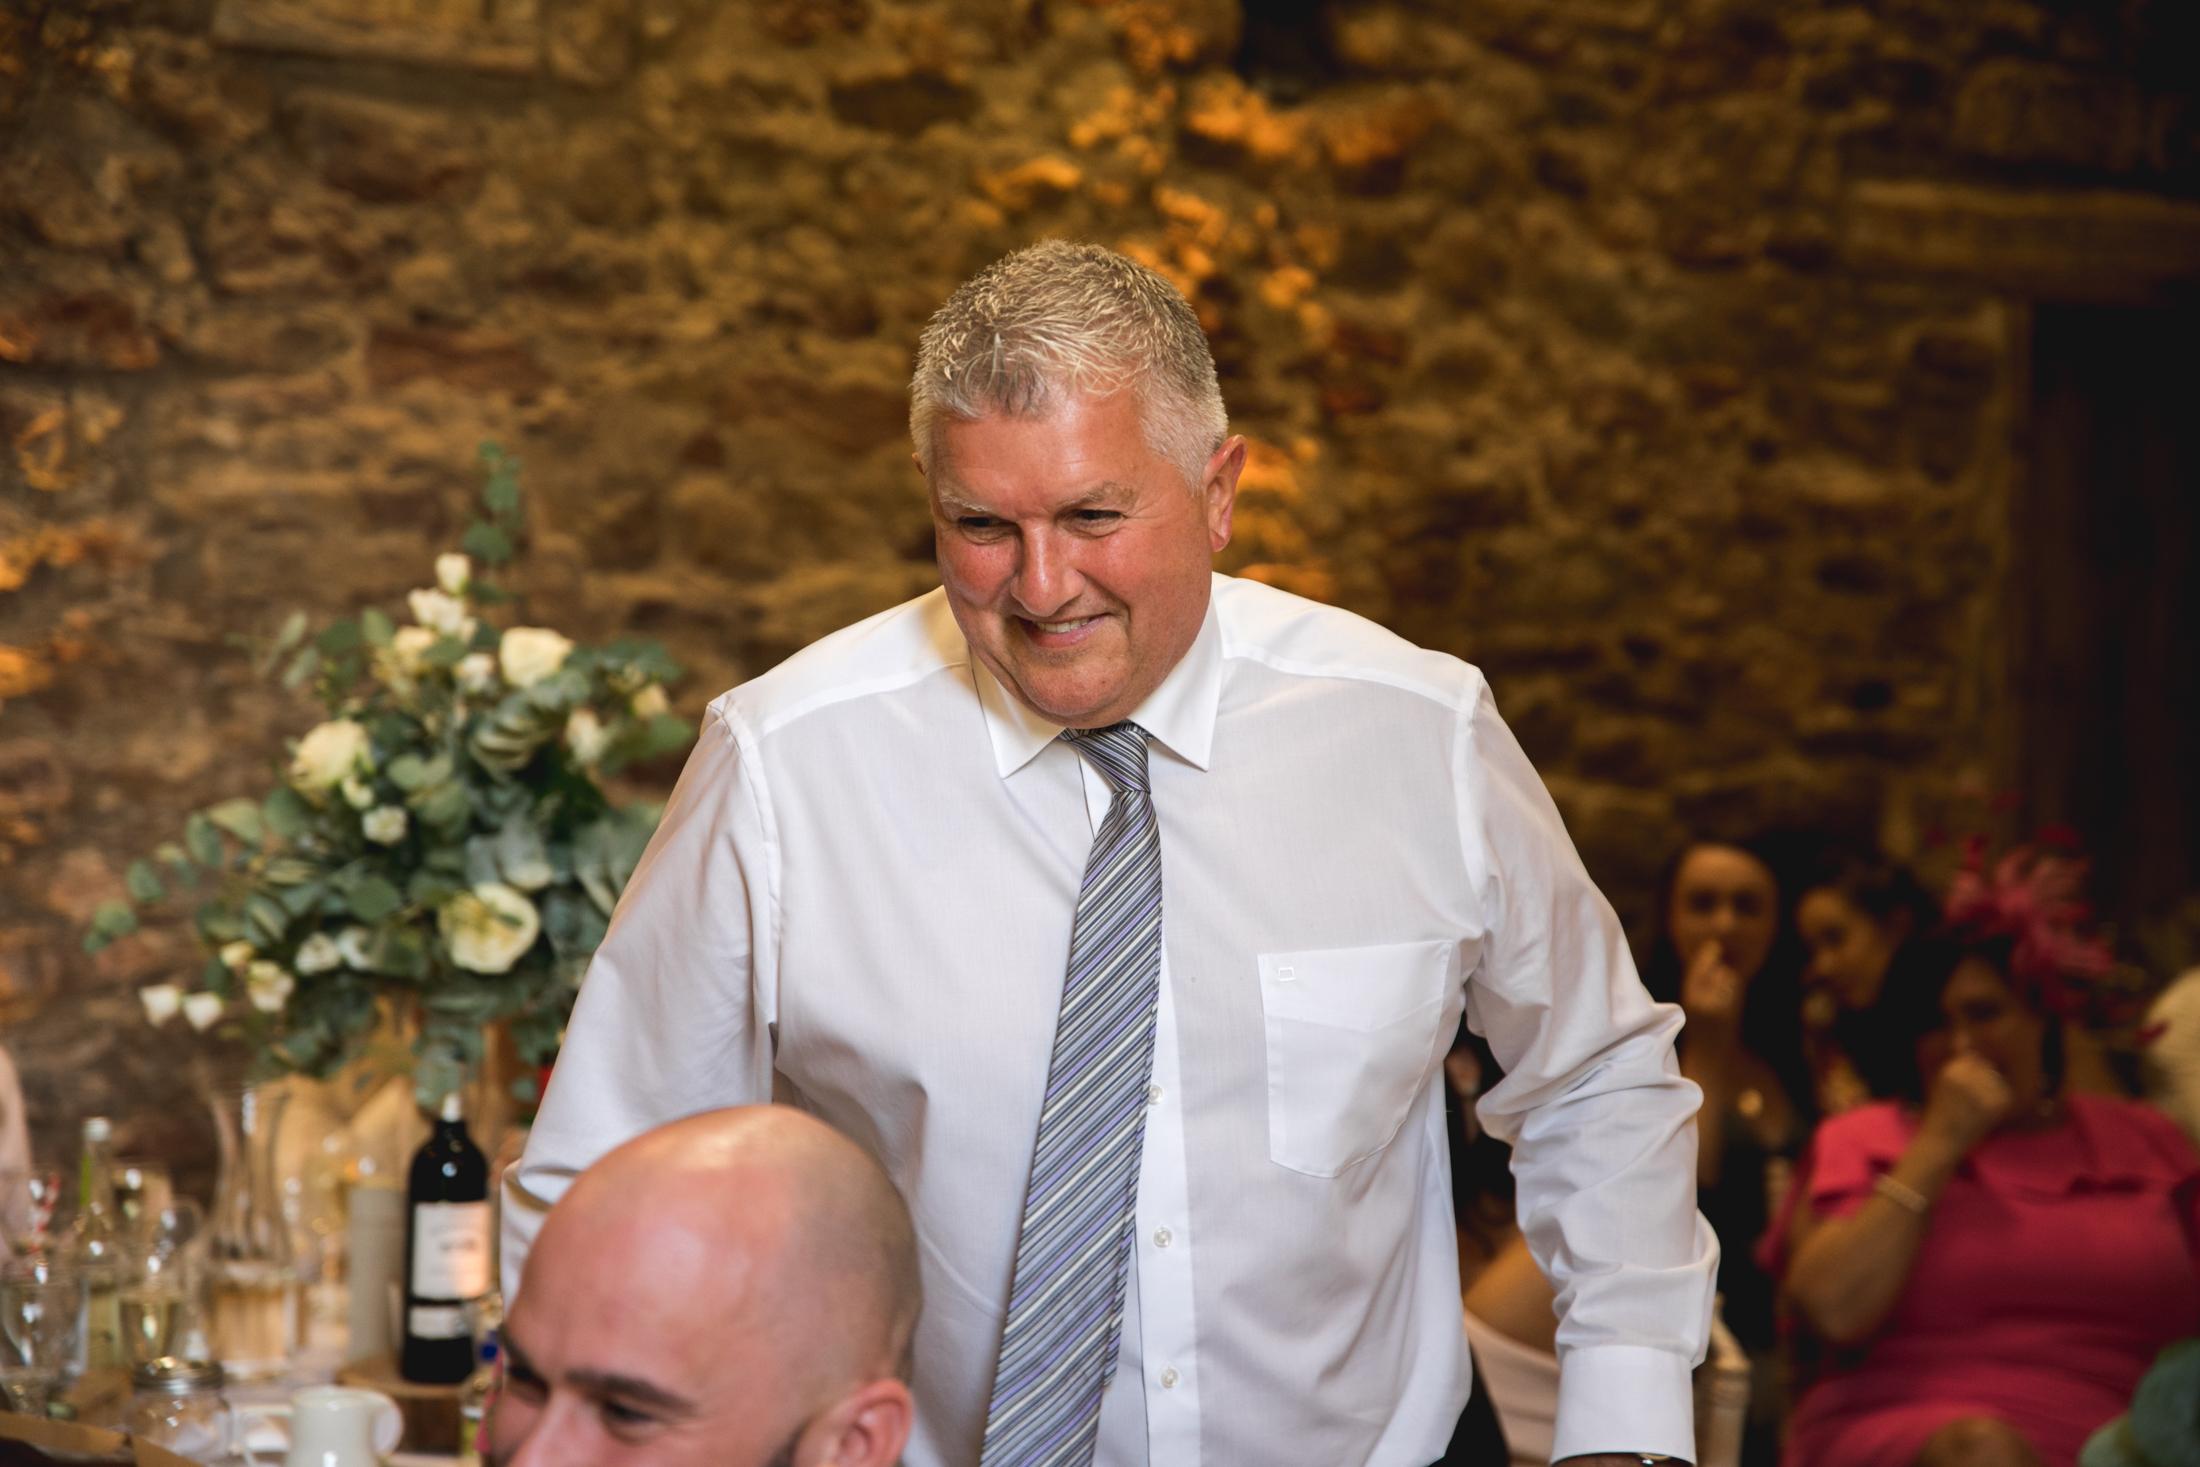 EDEN BARN WEDDING PHOTOGRAPHER-44.jpg